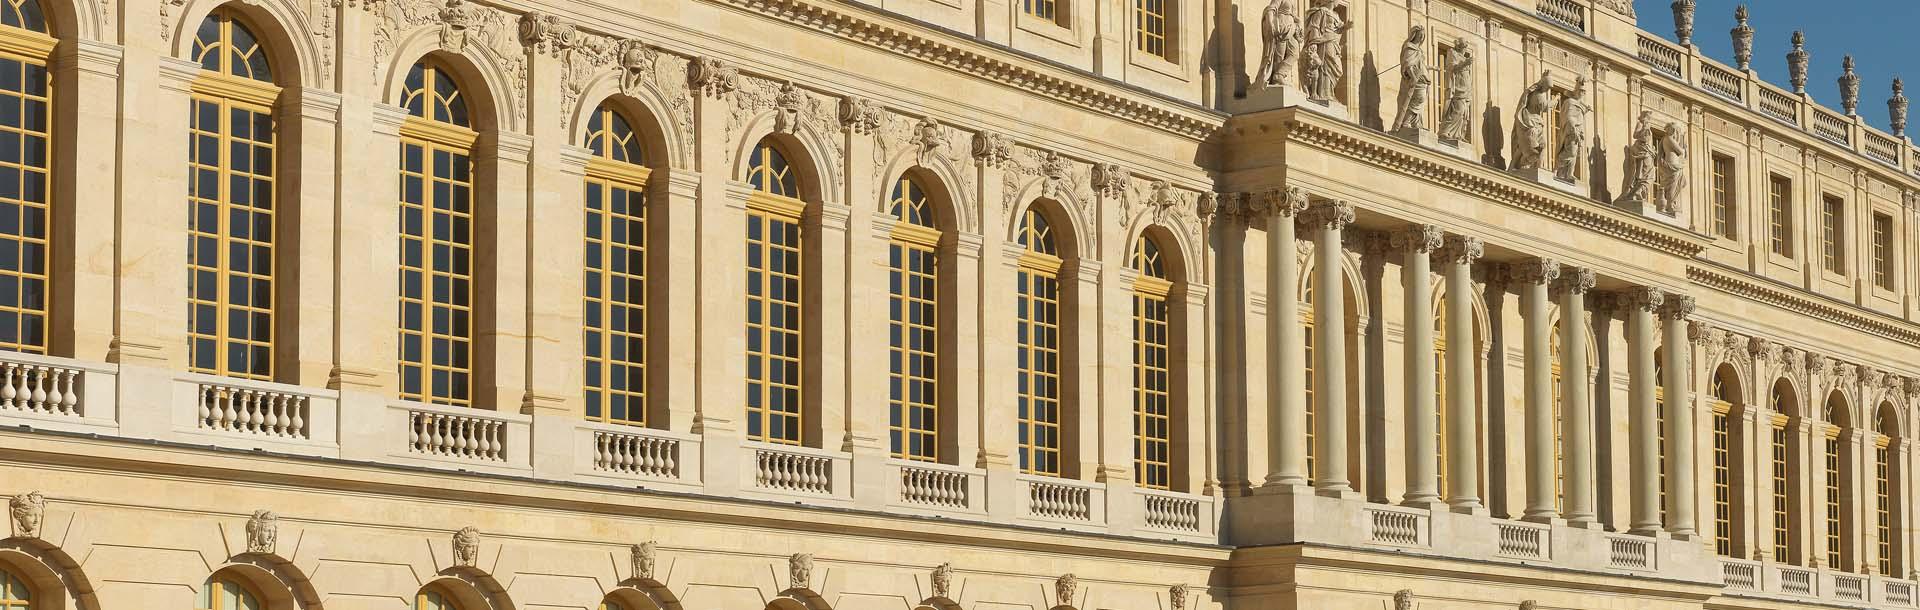 Restauration-des-fenetres-du-chateau-de-Versailles